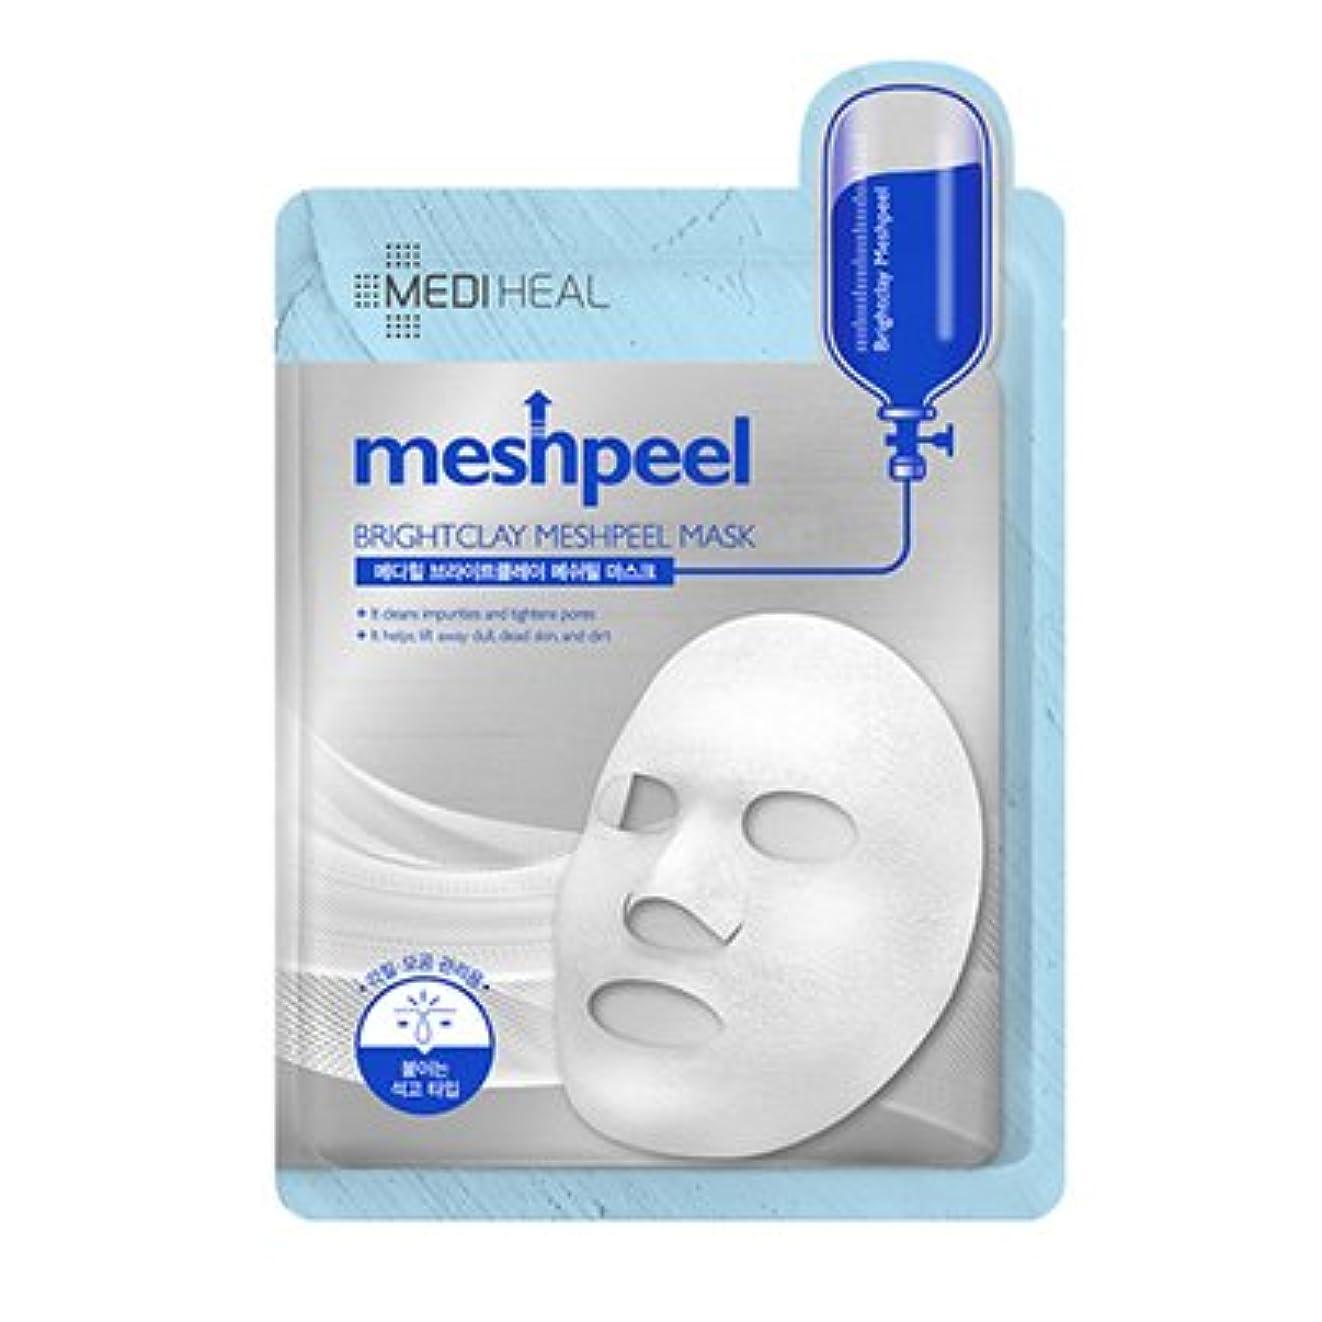 適合見分ける明るくする[New] MEDIHEAL Brightclay Meshpeel Mask 17g × 10EA/メディヒール ブライト クレイ メッシュ ピール マスク 17g × 10枚